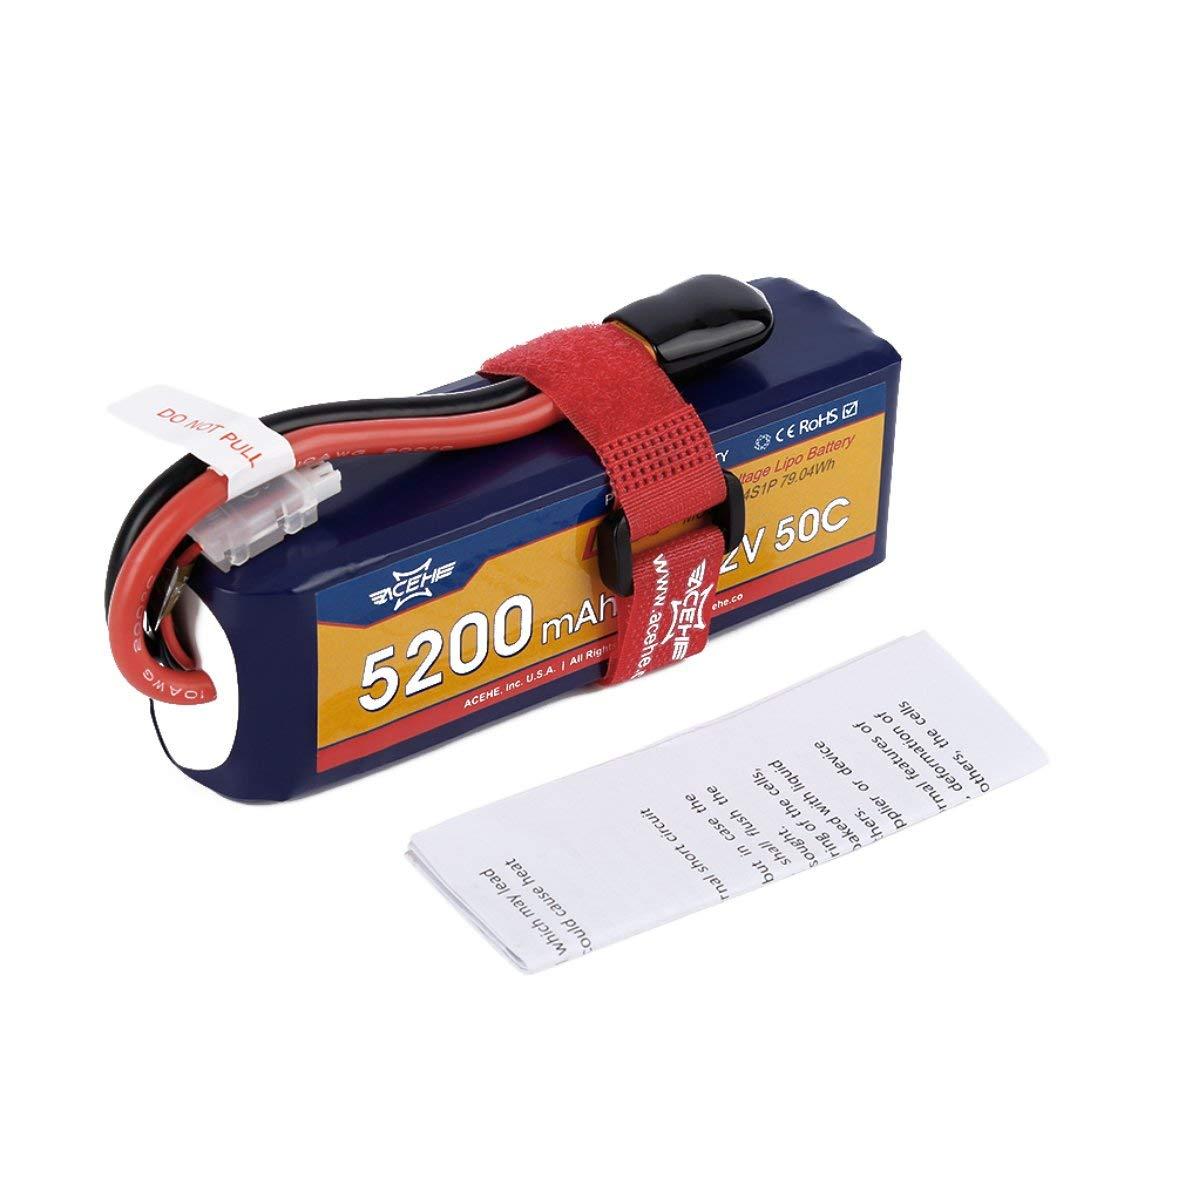 ACEHE 15.2V 5200mAh 50C 4S1P 79.04Wh Batería Lipo de Alto Voltaje con Enchufe XT60